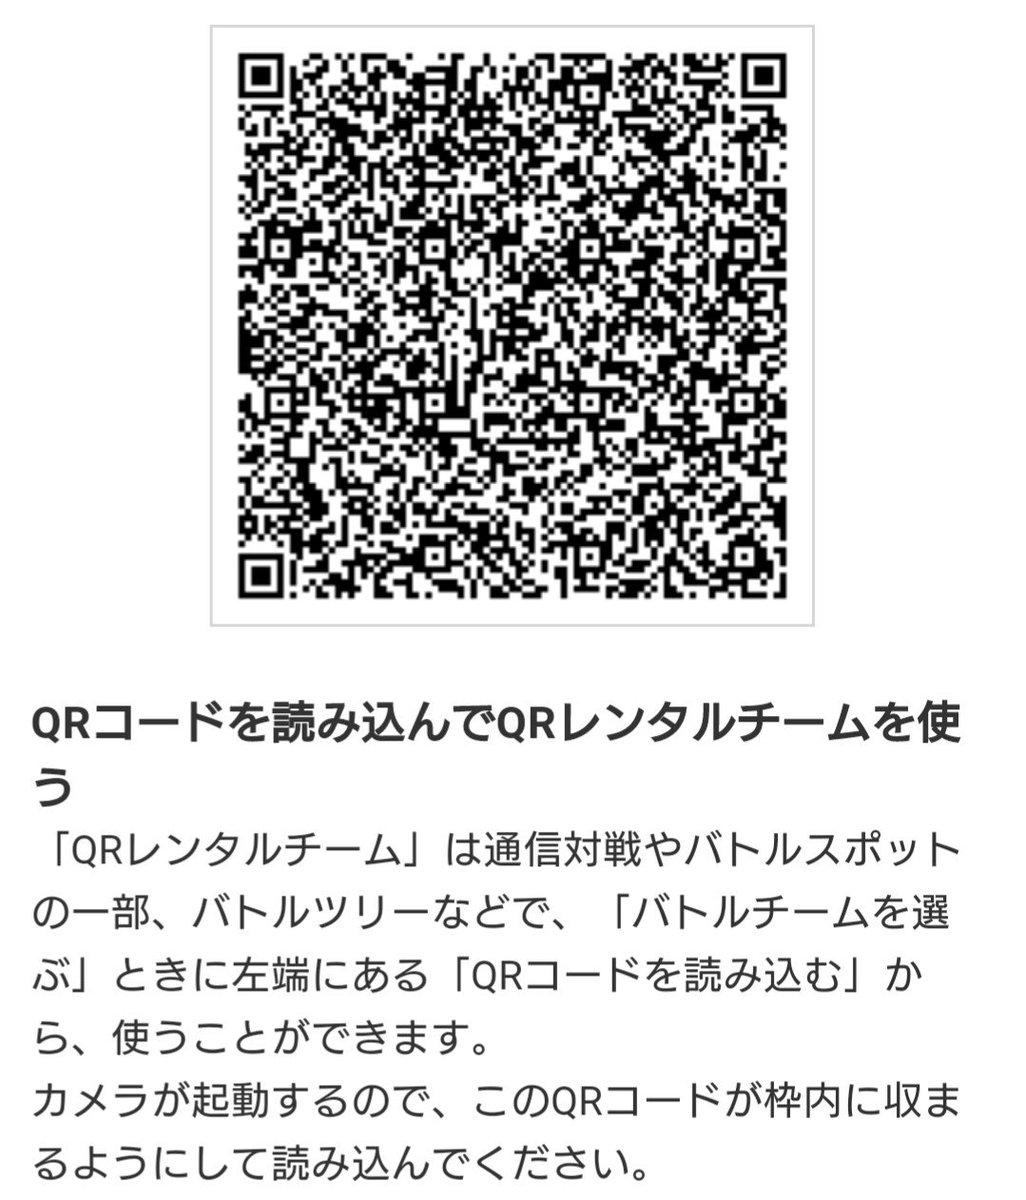 Qr ポケモン ウルトラ コード もらえる サンムーン で ポケモン